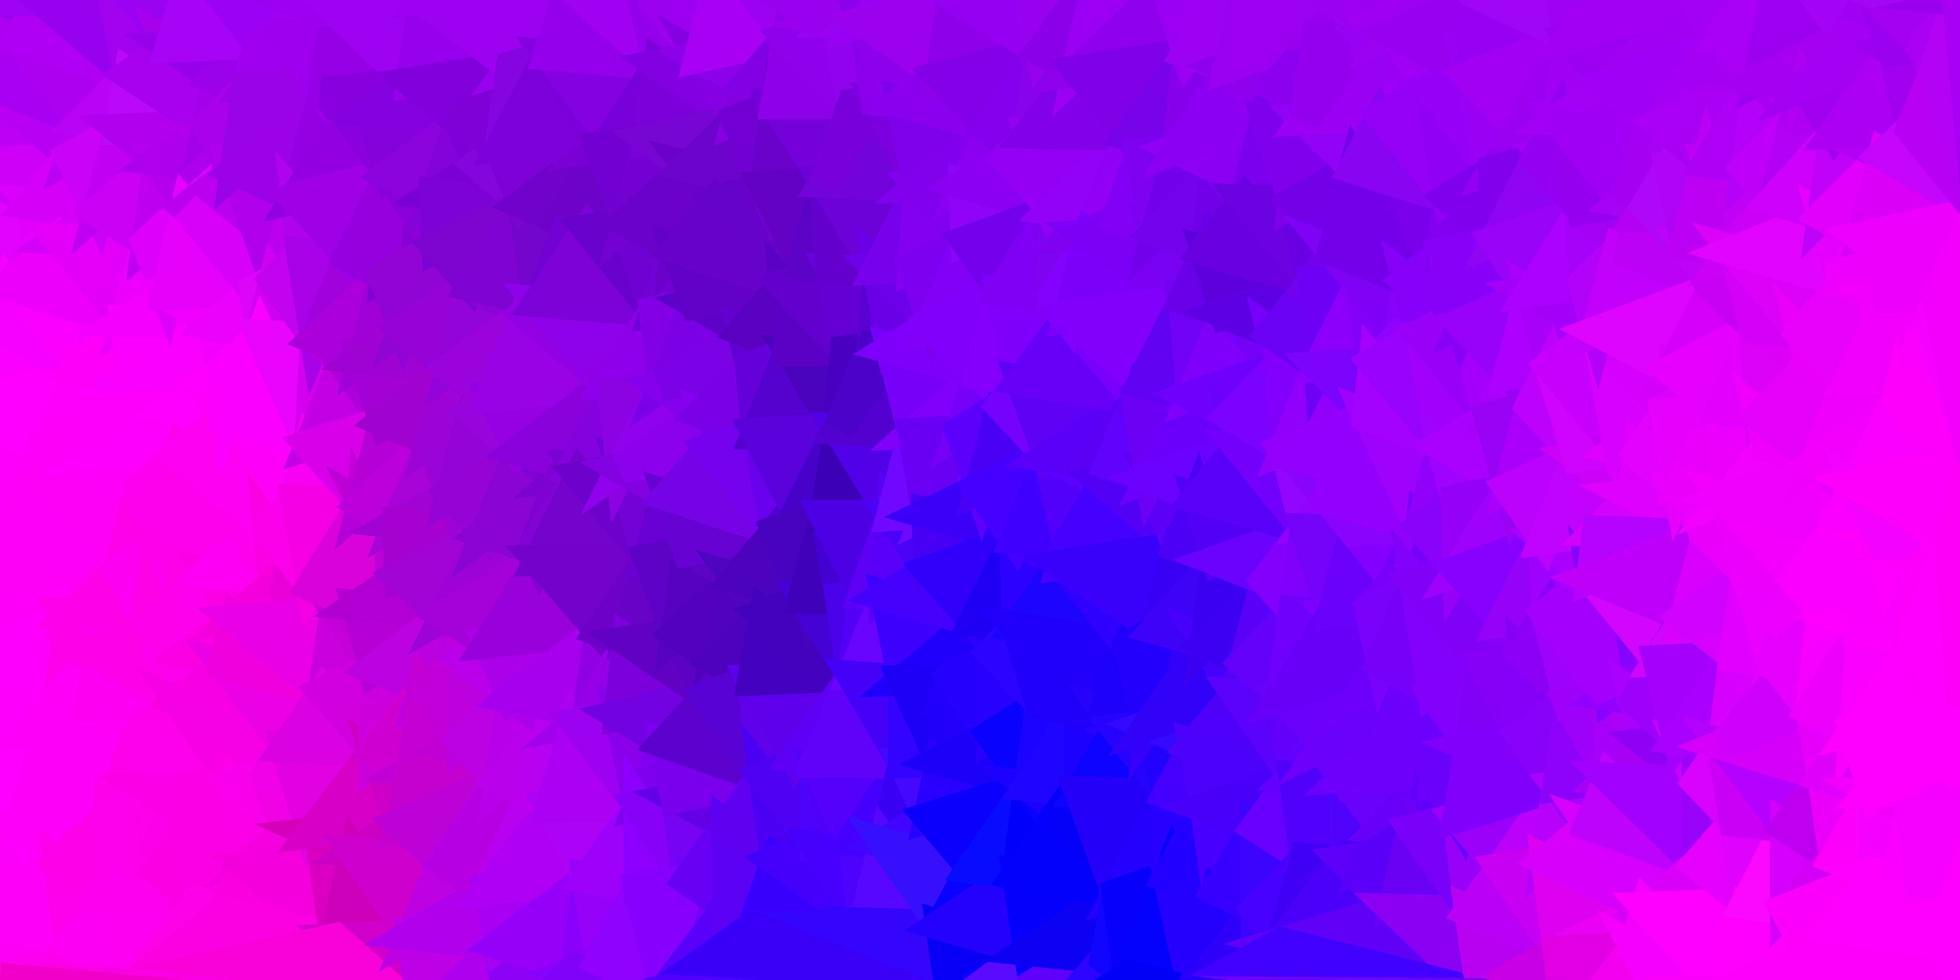 textura de triângulo abstrato vetor roxo escuro e rosa.